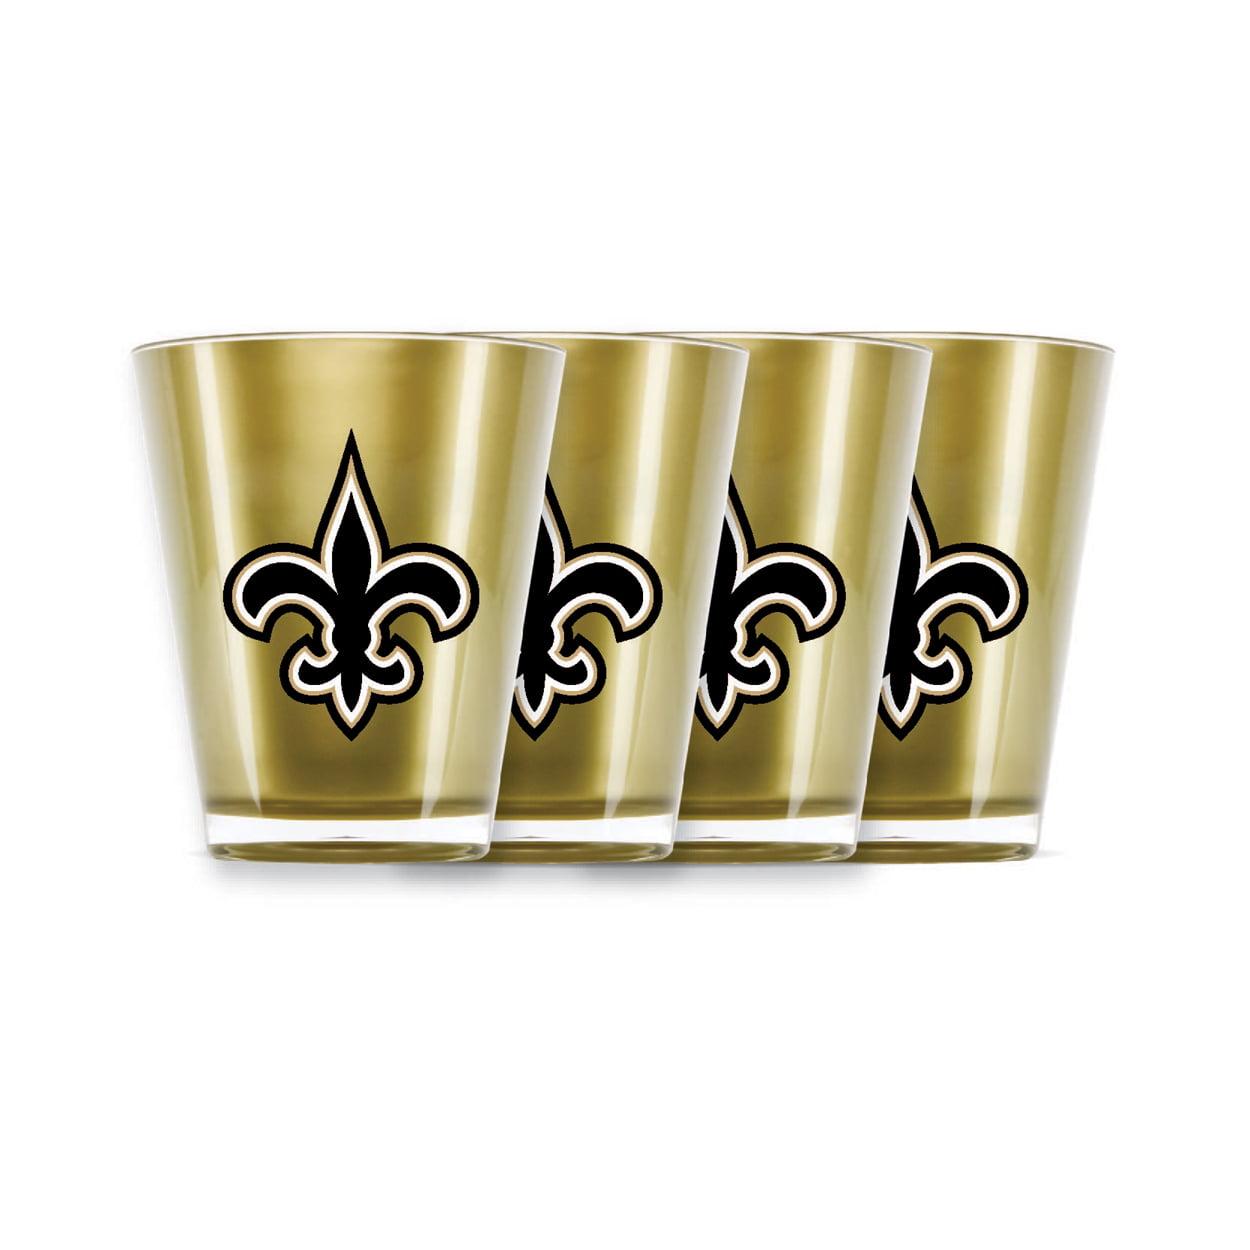 Duckhouse NFL New Orleans Saints 4 piece shot glas